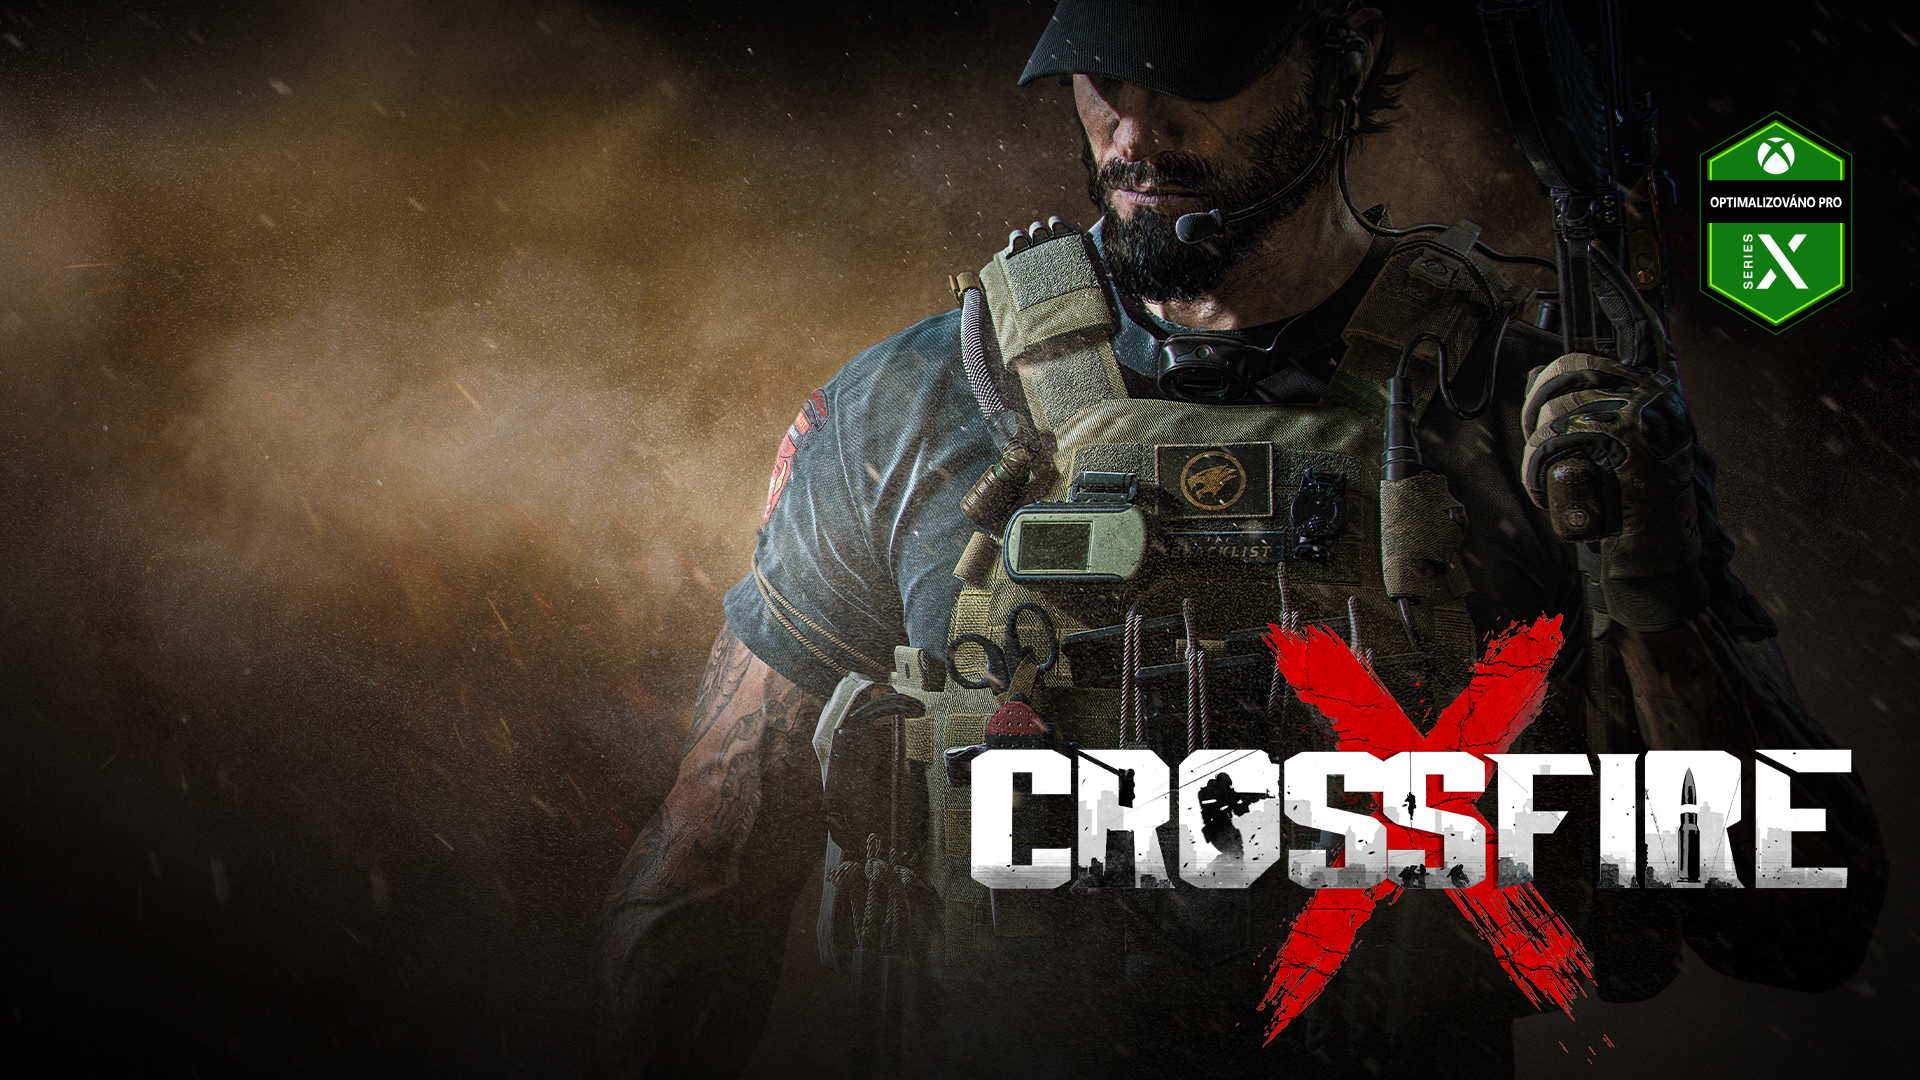 CrossfireX, Optimalizováno pro Xbox Series X, Těžce vyzbrojený muž stojí uprostřed kouře a prachu